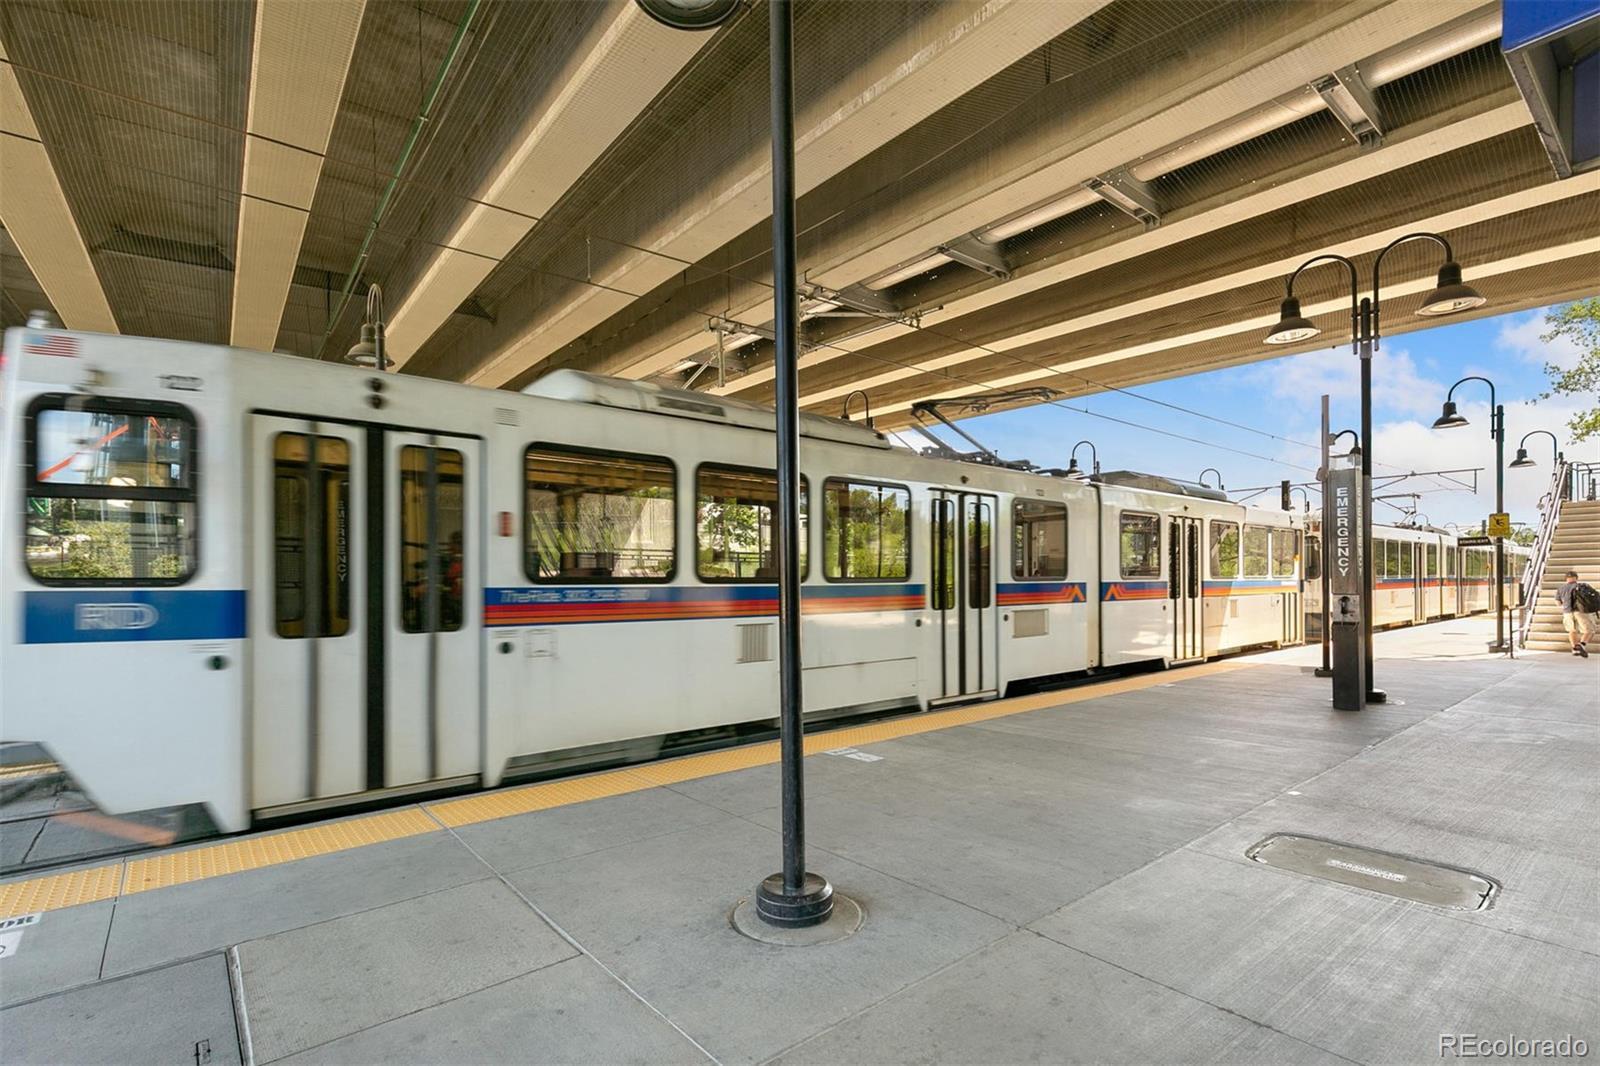 MLS# 8270803 - 25 - 1076 Depew Street, Lakewood, CO 80214